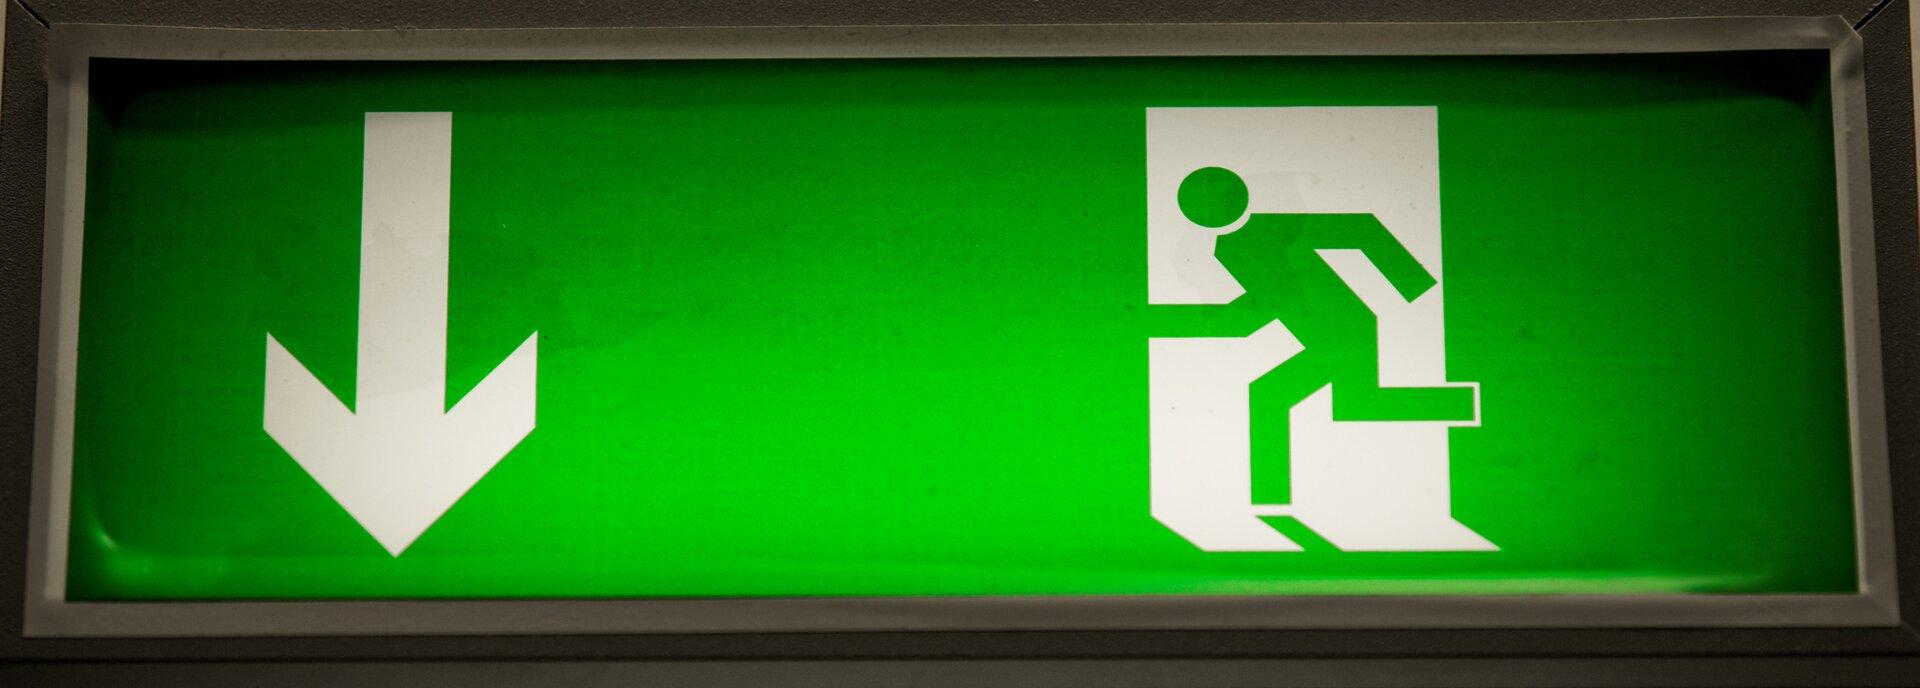 Na zielonym intensywnym tle przedstawiony jest symbol uciekającego człowieka – obok niego, po lewej stronie, strzałka skierowana wdół, informująca okierunku ewakuacji.